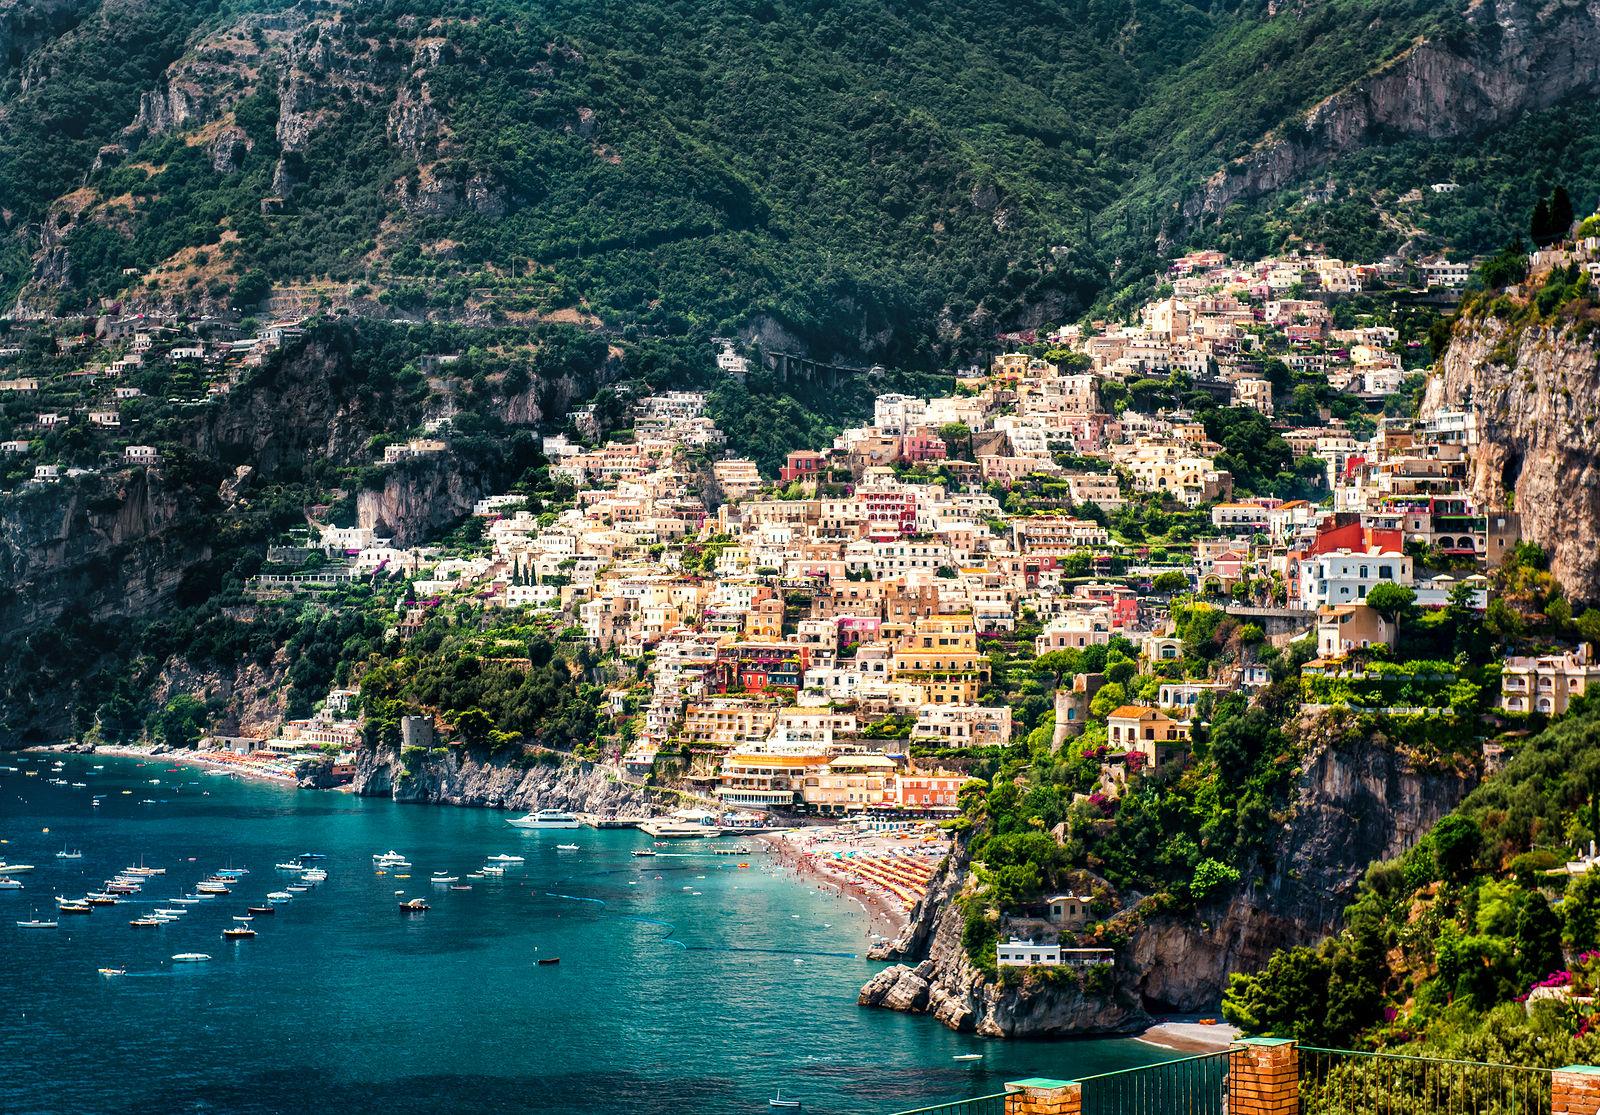 Vietri sul mare italy amalfi coast charters for Italia amalfi